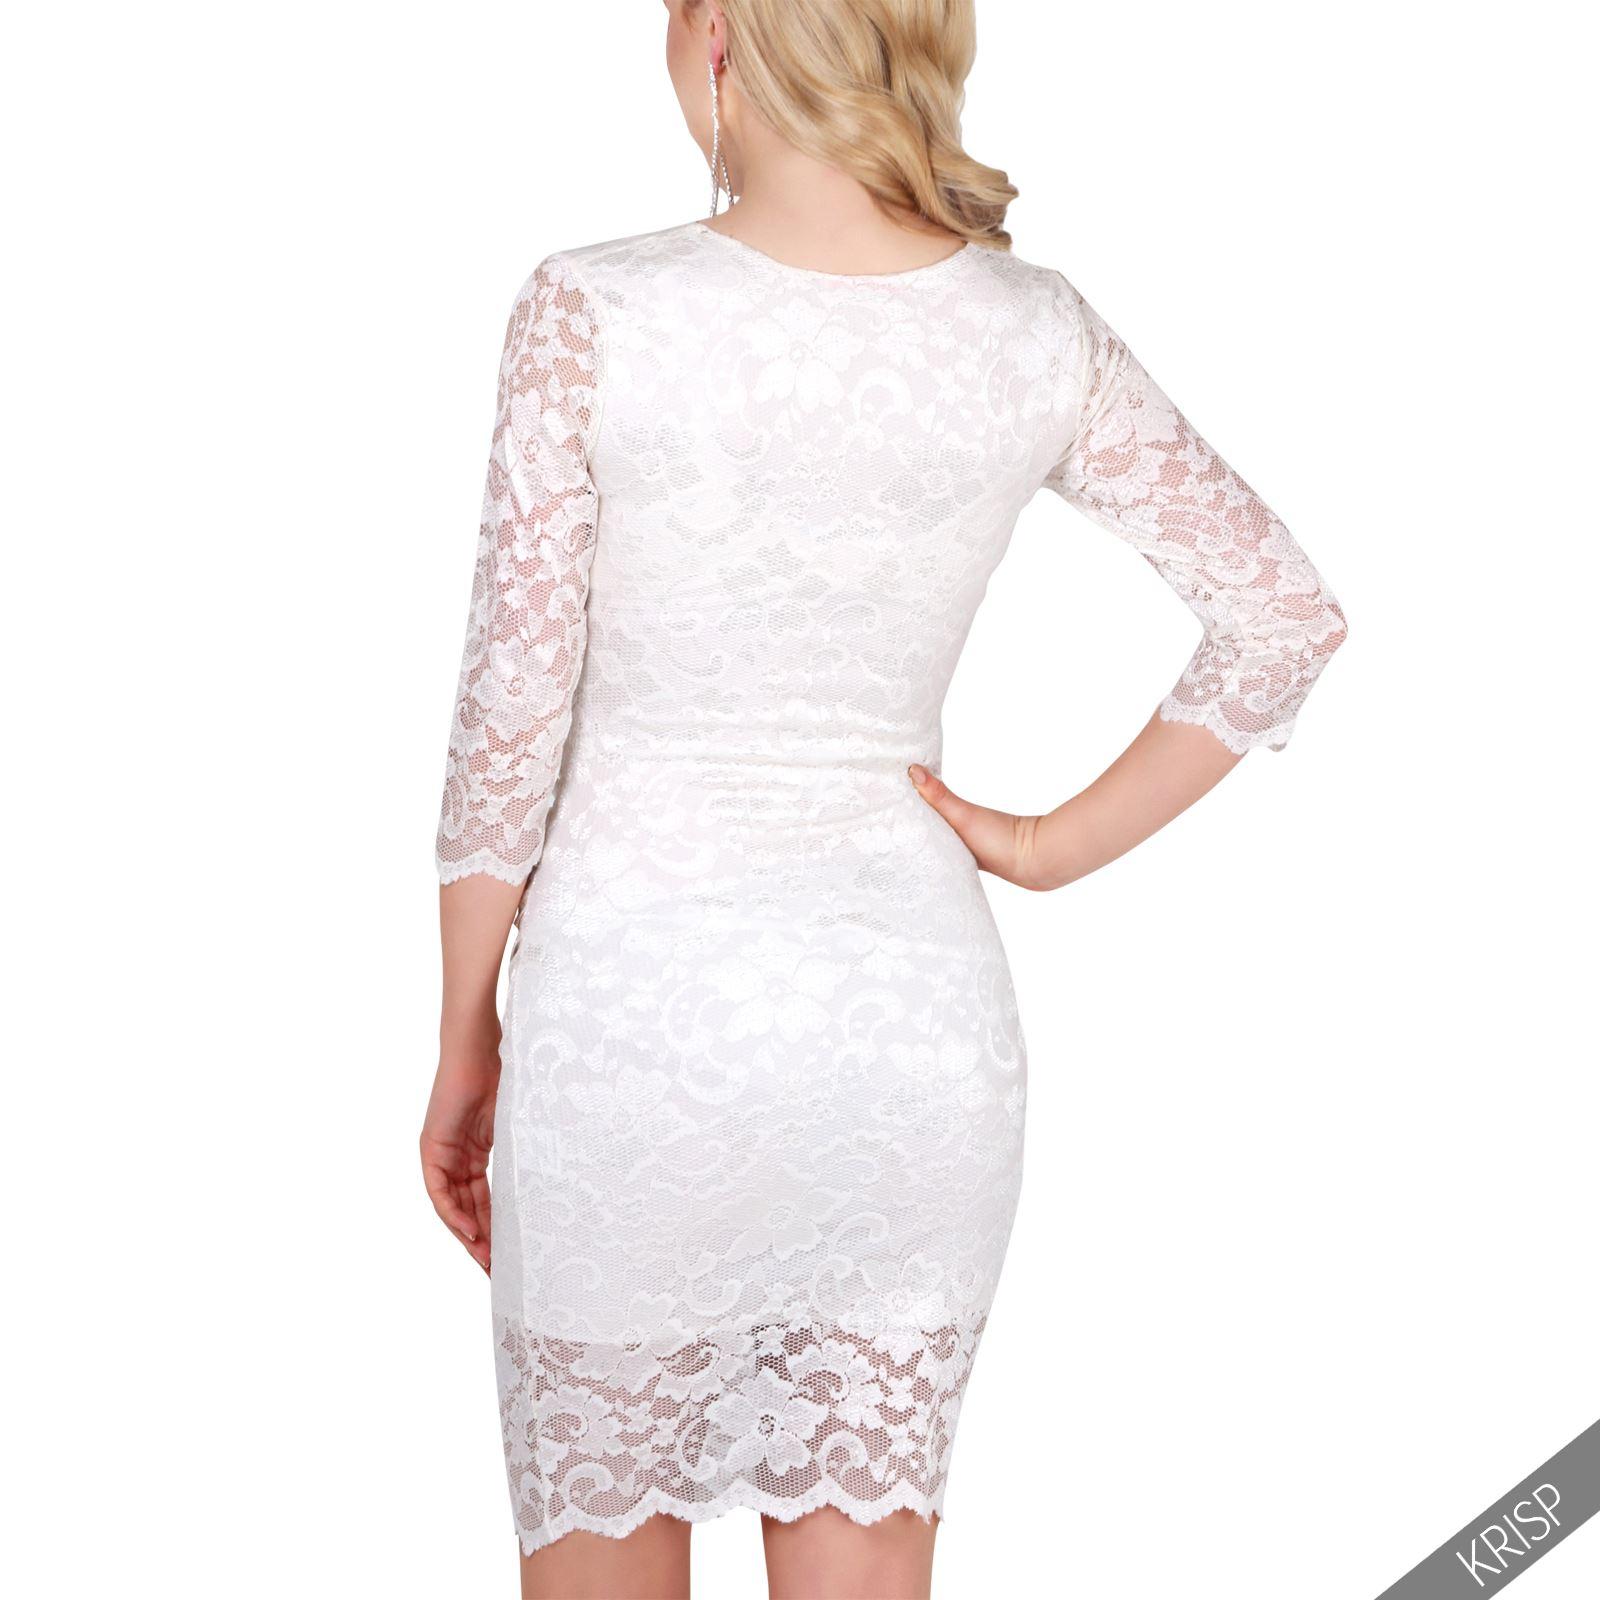 Kleid umstandsmode hochzeit